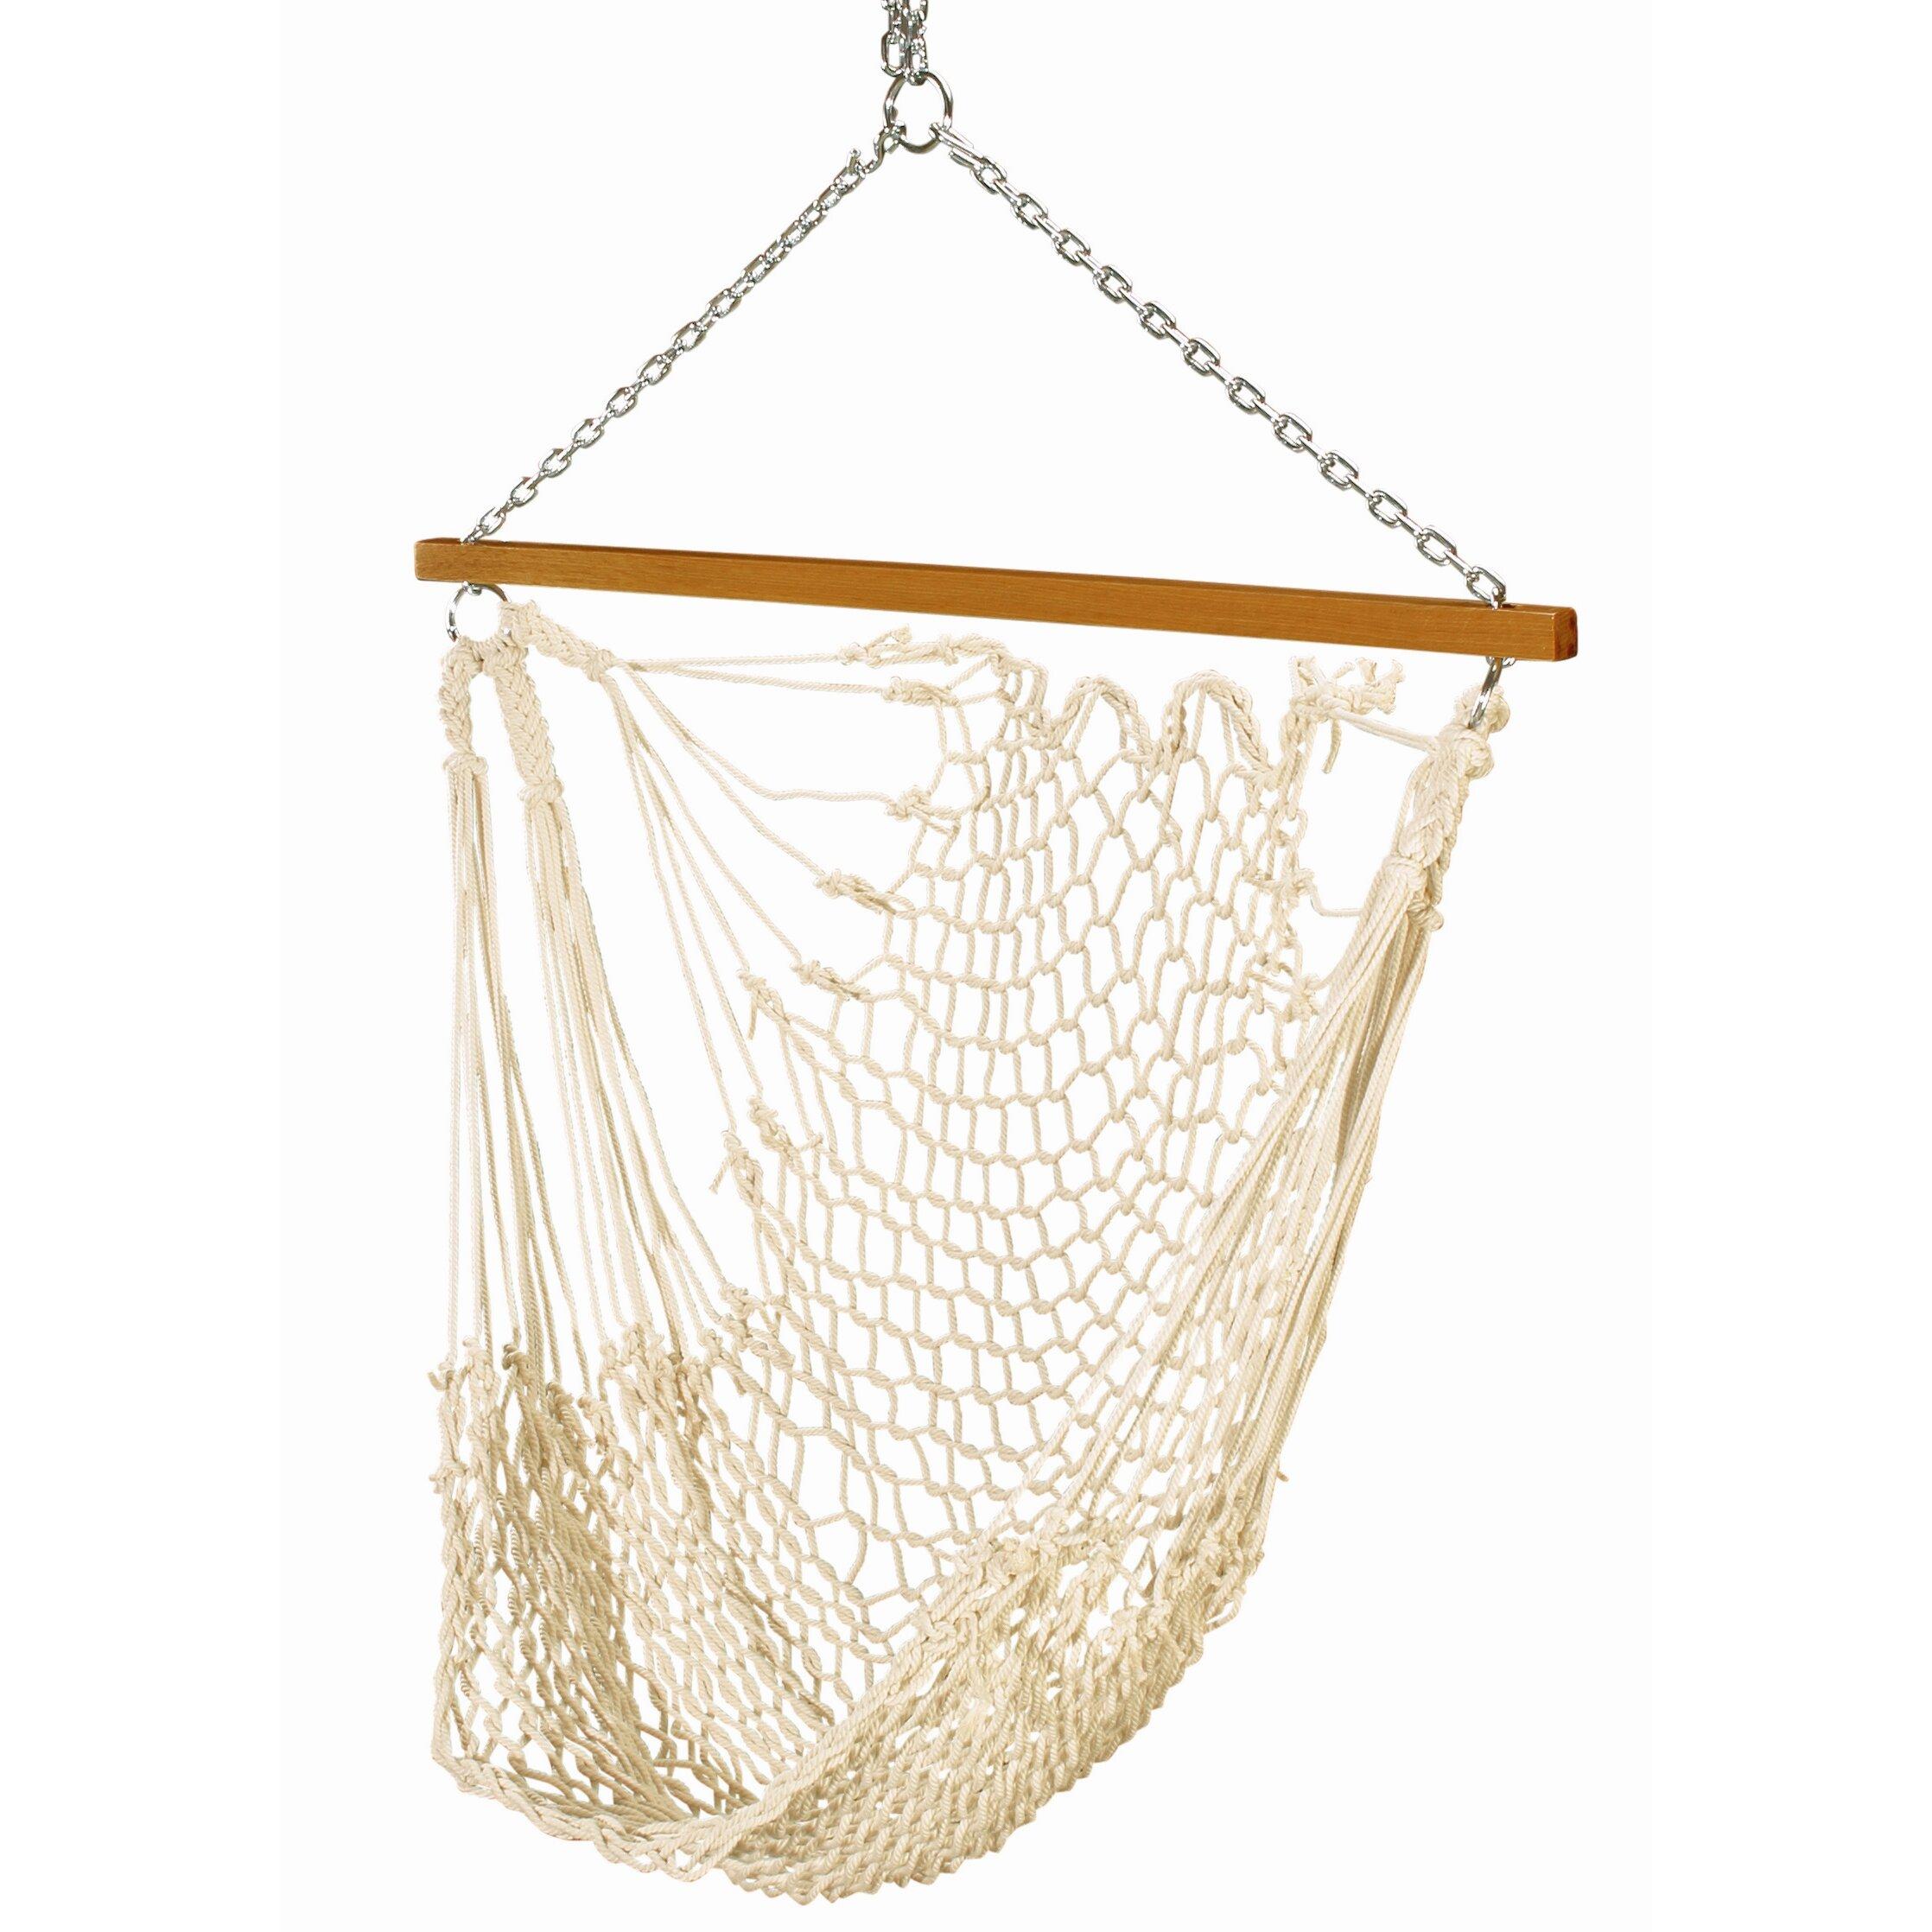 Single rope hammock swing